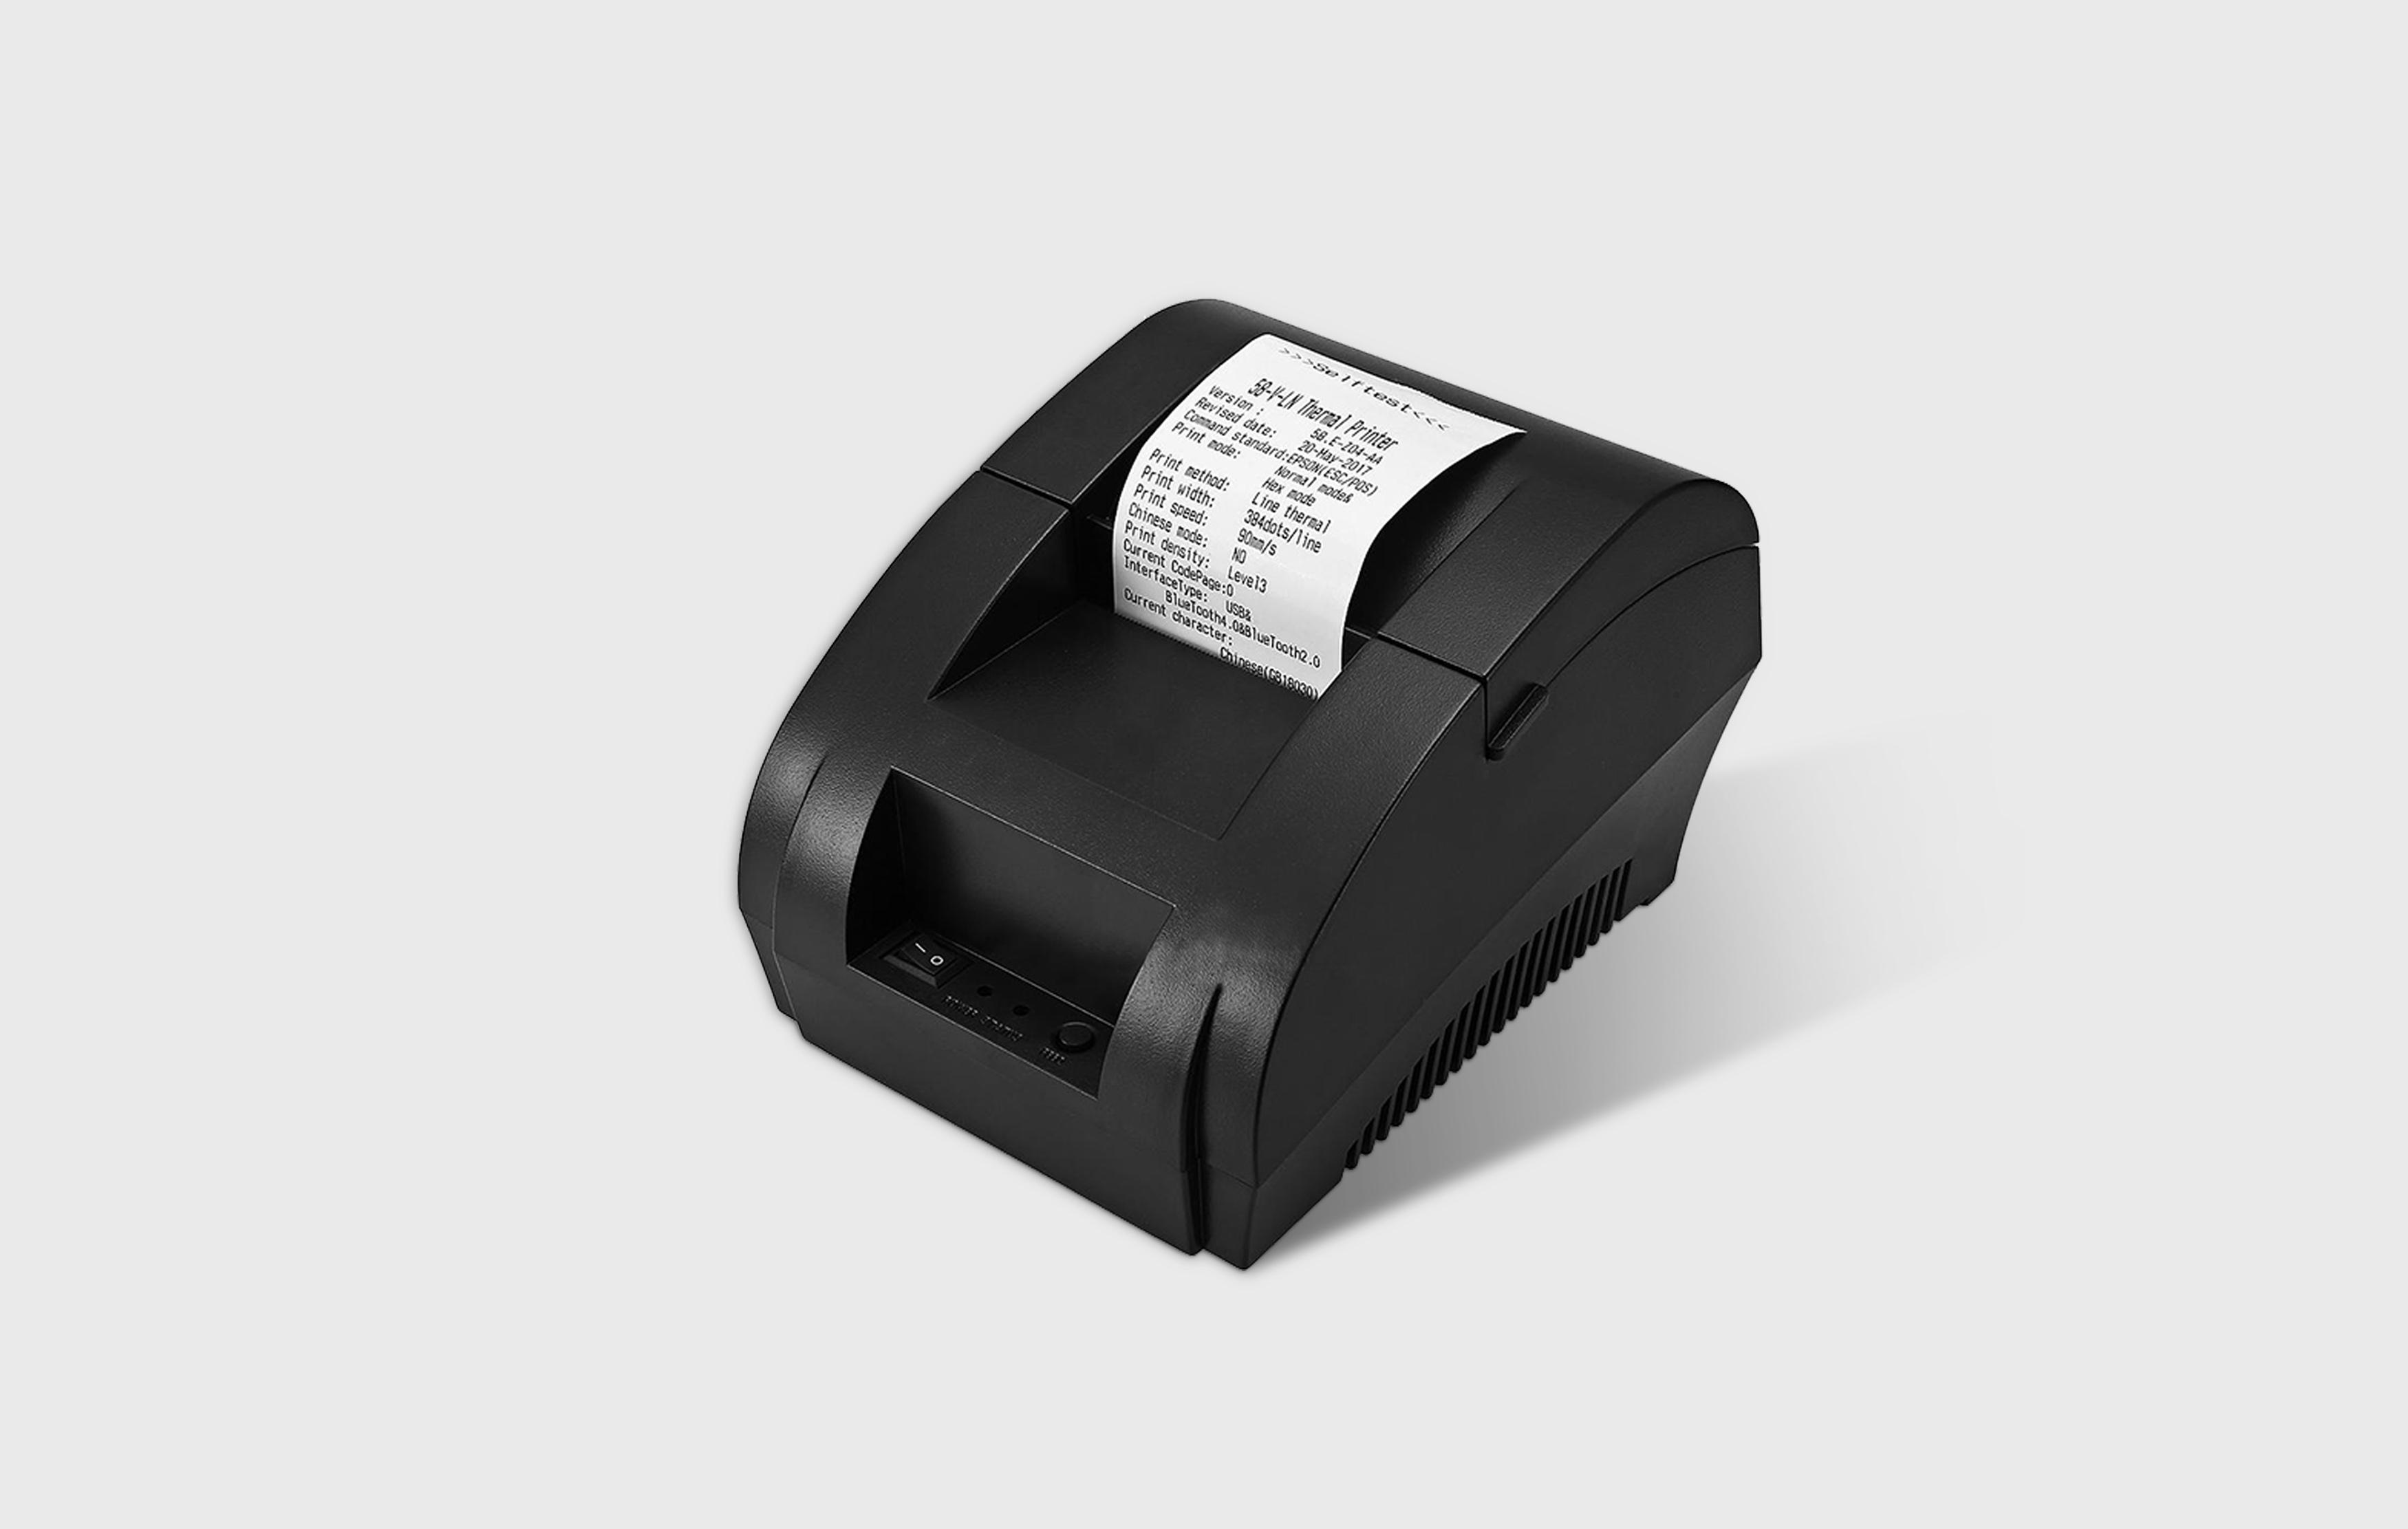 小票打印机(收银机外置设备)